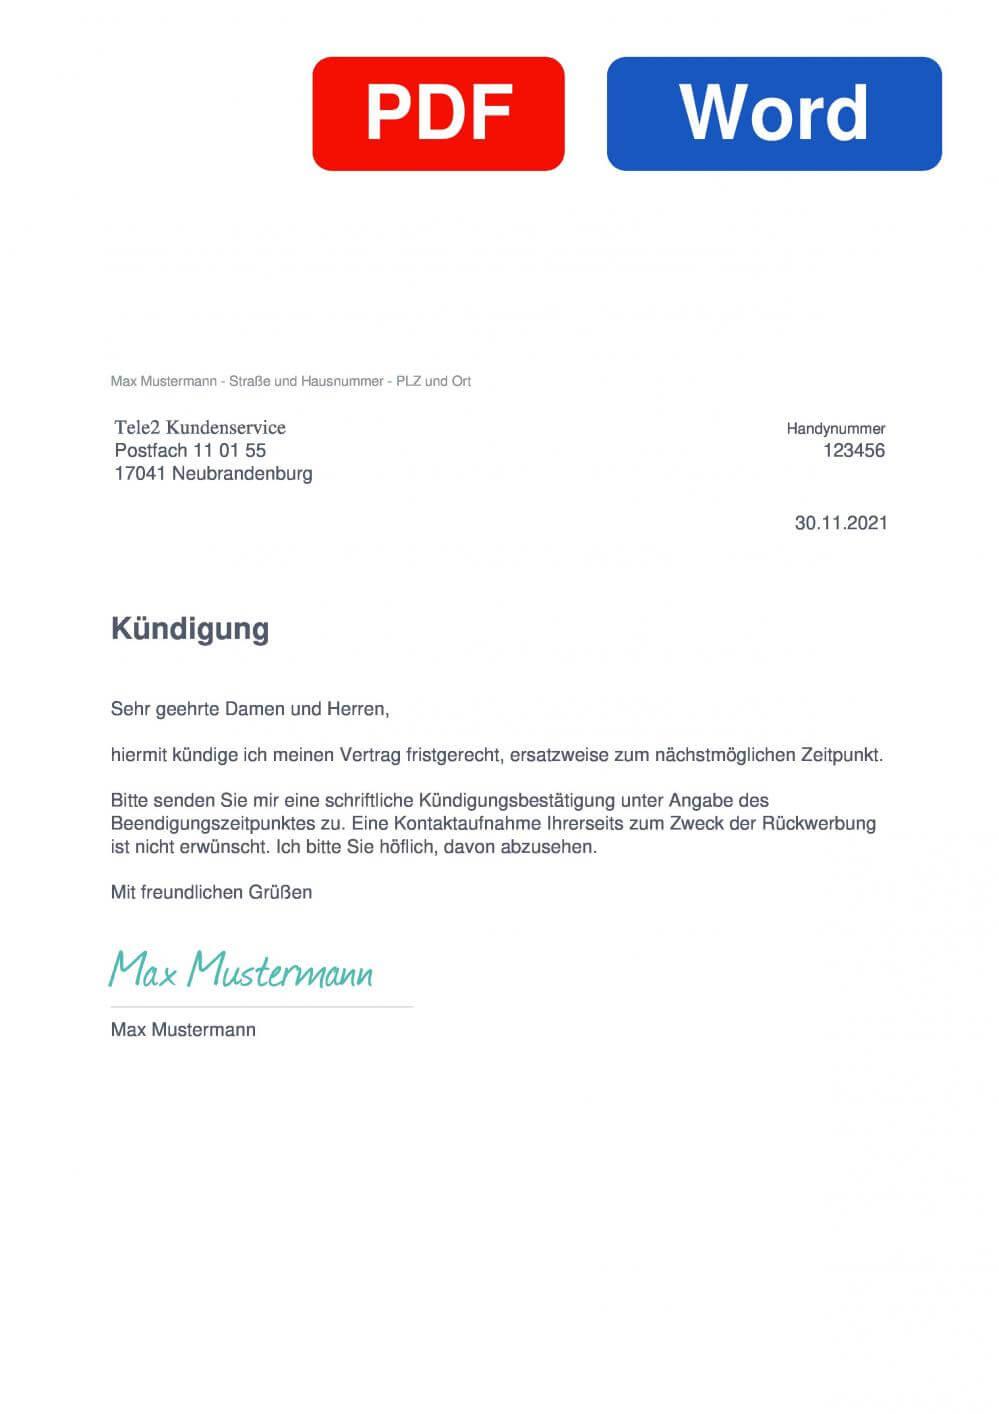 tele2 Handyvertrag Muster Vorlage für Kündigungsschreiben